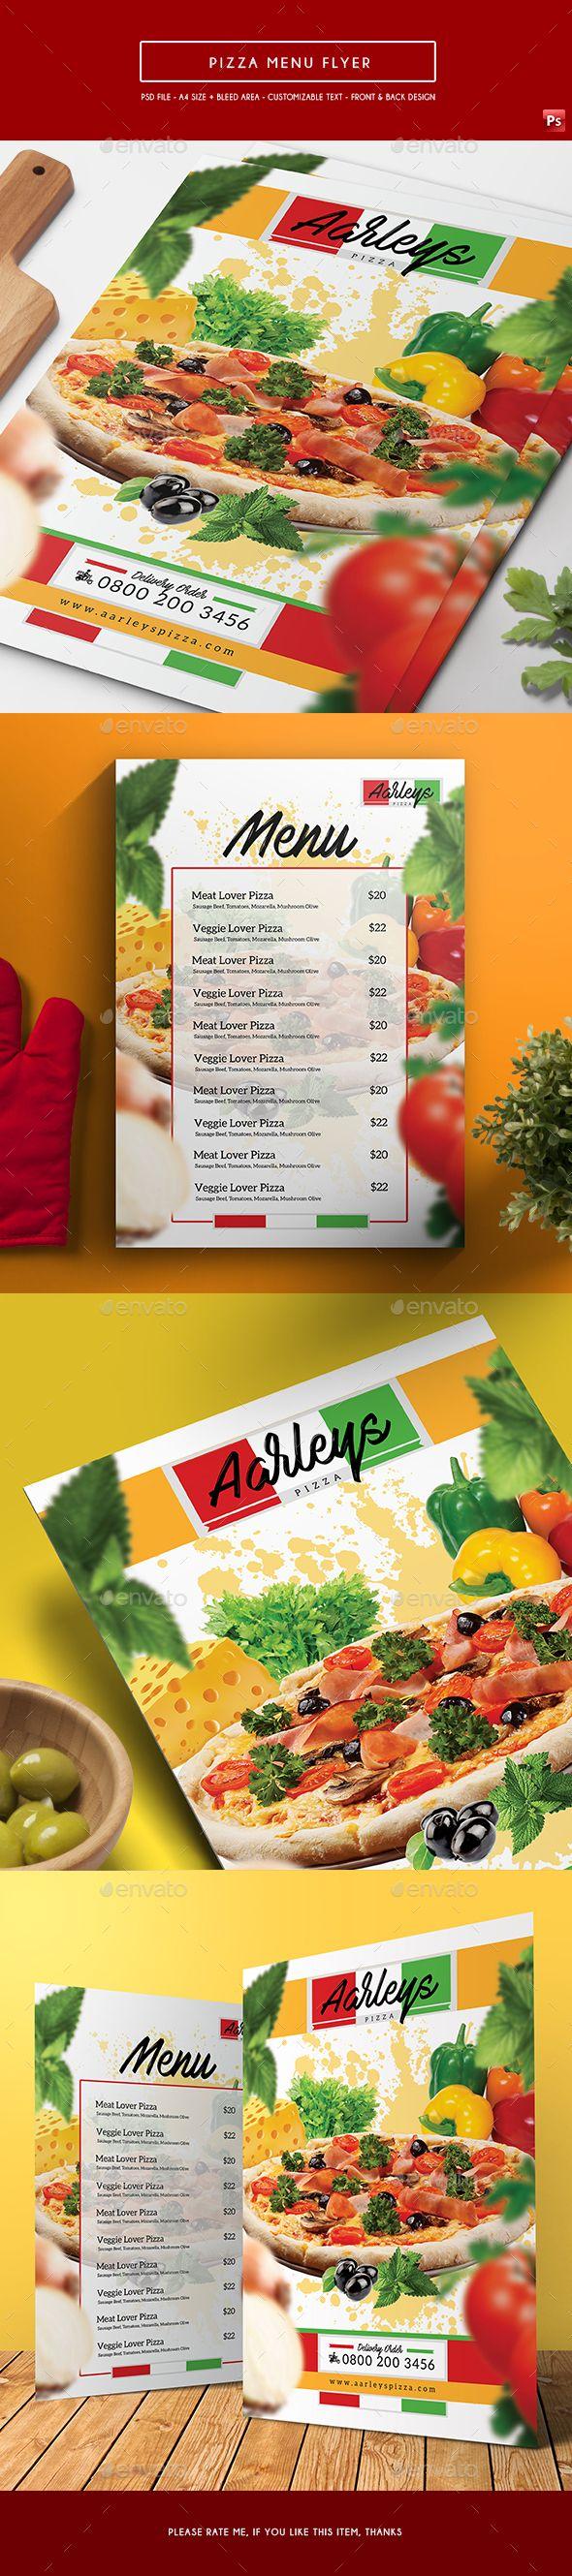 Großartig Kostenlose Pizza Menü Vorlagen Galerie - Beispiel ...